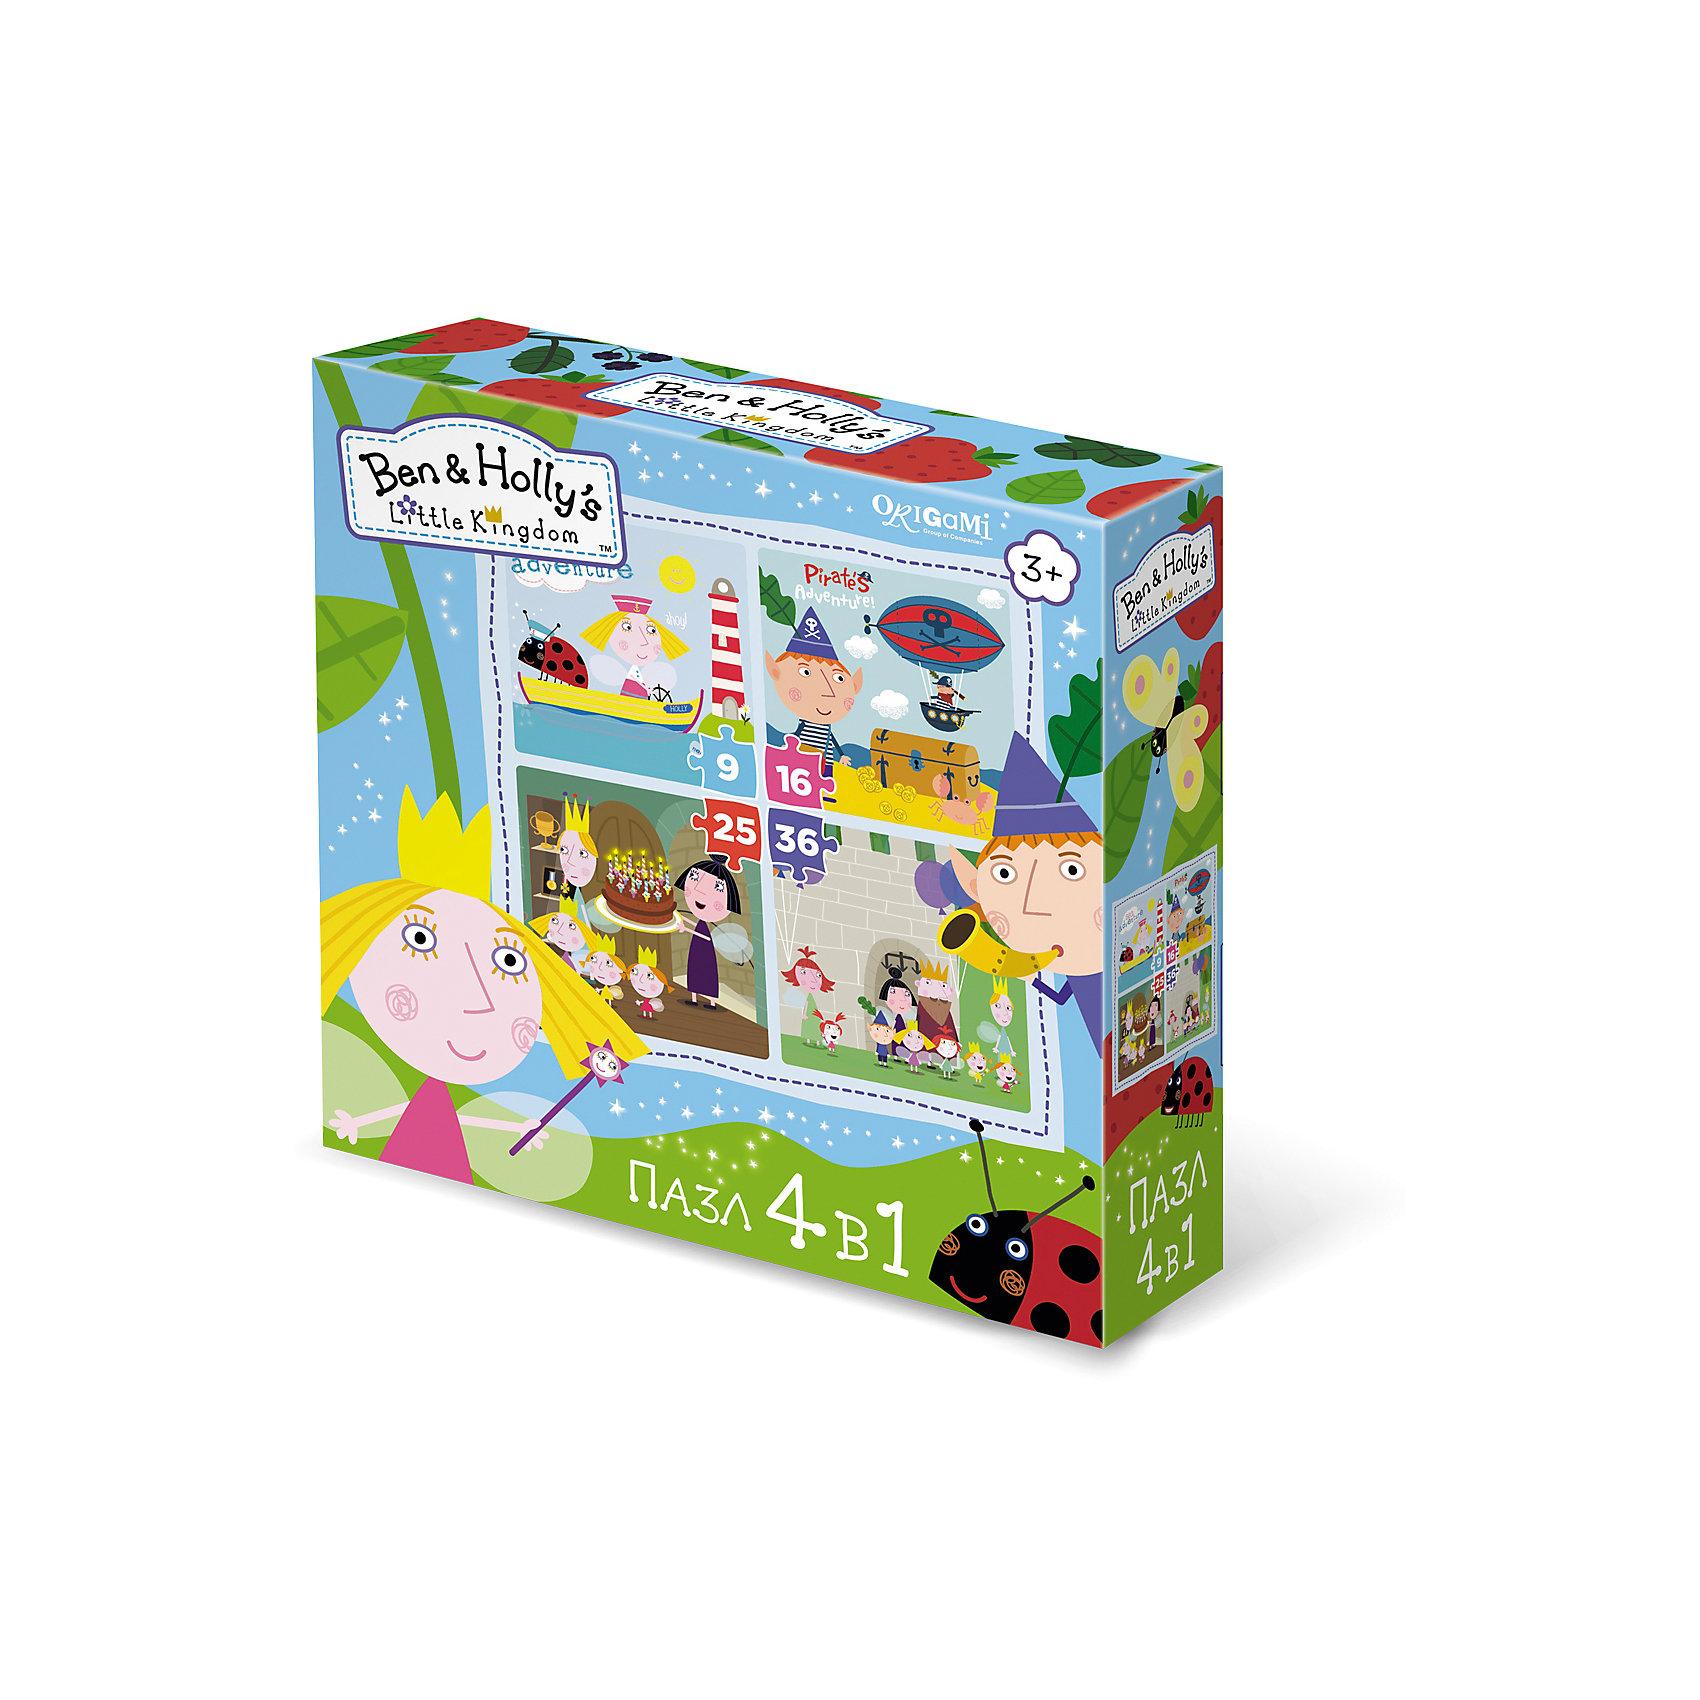 Пазл 4 в 1 Маленькие истории, Бен и Холли, OrigamiПазлы для малышей<br>Пазл 4 в 1 Маленькие истории, Бен и Холли, Origami<br><br>Характеристики:<br><br>• Количество элементов: 360 шт.<br>• Размер упаковки: 18 *6*18 см<br>• Размер готовой картинки: 22 * 22 см<br>• Состав: бумага, картон<br>• Вес: 150 г<br>• Для детей в возрасте: от 3до 5 лет<br><br>Эта игра состоит из 4 наборов пазл: первый состоит из 9 деталей, второй - из 16, третий - из 25 и четвертый состоит из 36 деталей. Ребенок может начать с малого количества деталей, и, если у него получится он может перейти на более высокий уровень. Высококачественный пазл отлично собирается, благодаря хорошо подходящим друг к другу деталям. Вы с легкостью сможете склеить кусочки, превратив пазл в красивую картину, или можете разобрать его и снова собрать позже.<br><br>Пазл 4 в 1 Маленькие истории, Бен и Холли, Origami можно купить в нашем интернет-магазине.<br><br>Ширина мм: 180<br>Глубина мм: 60<br>Высота мм: 180<br>Вес г: 150<br>Возраст от месяцев: 36<br>Возраст до месяцев: 84<br>Пол: Унисекс<br>Возраст: Детский<br>SKU: 5528451